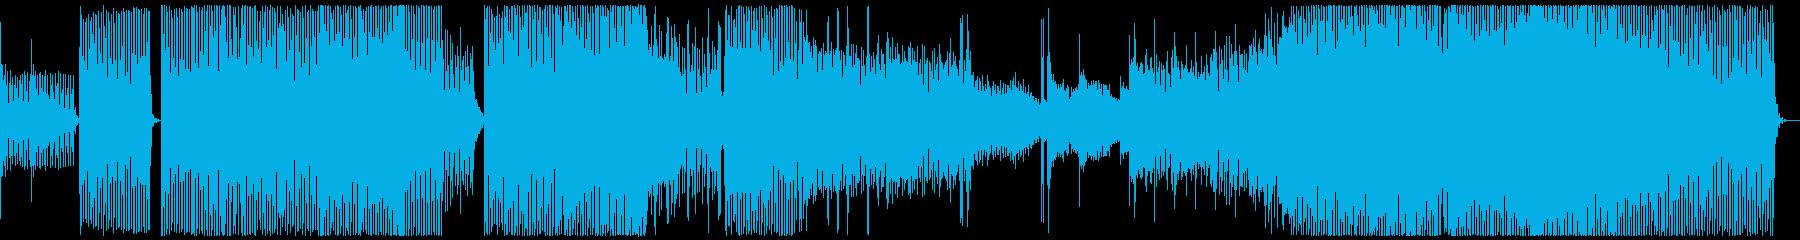 妖麗な世界観のダンサブルなテクノ楽曲の再生済みの波形